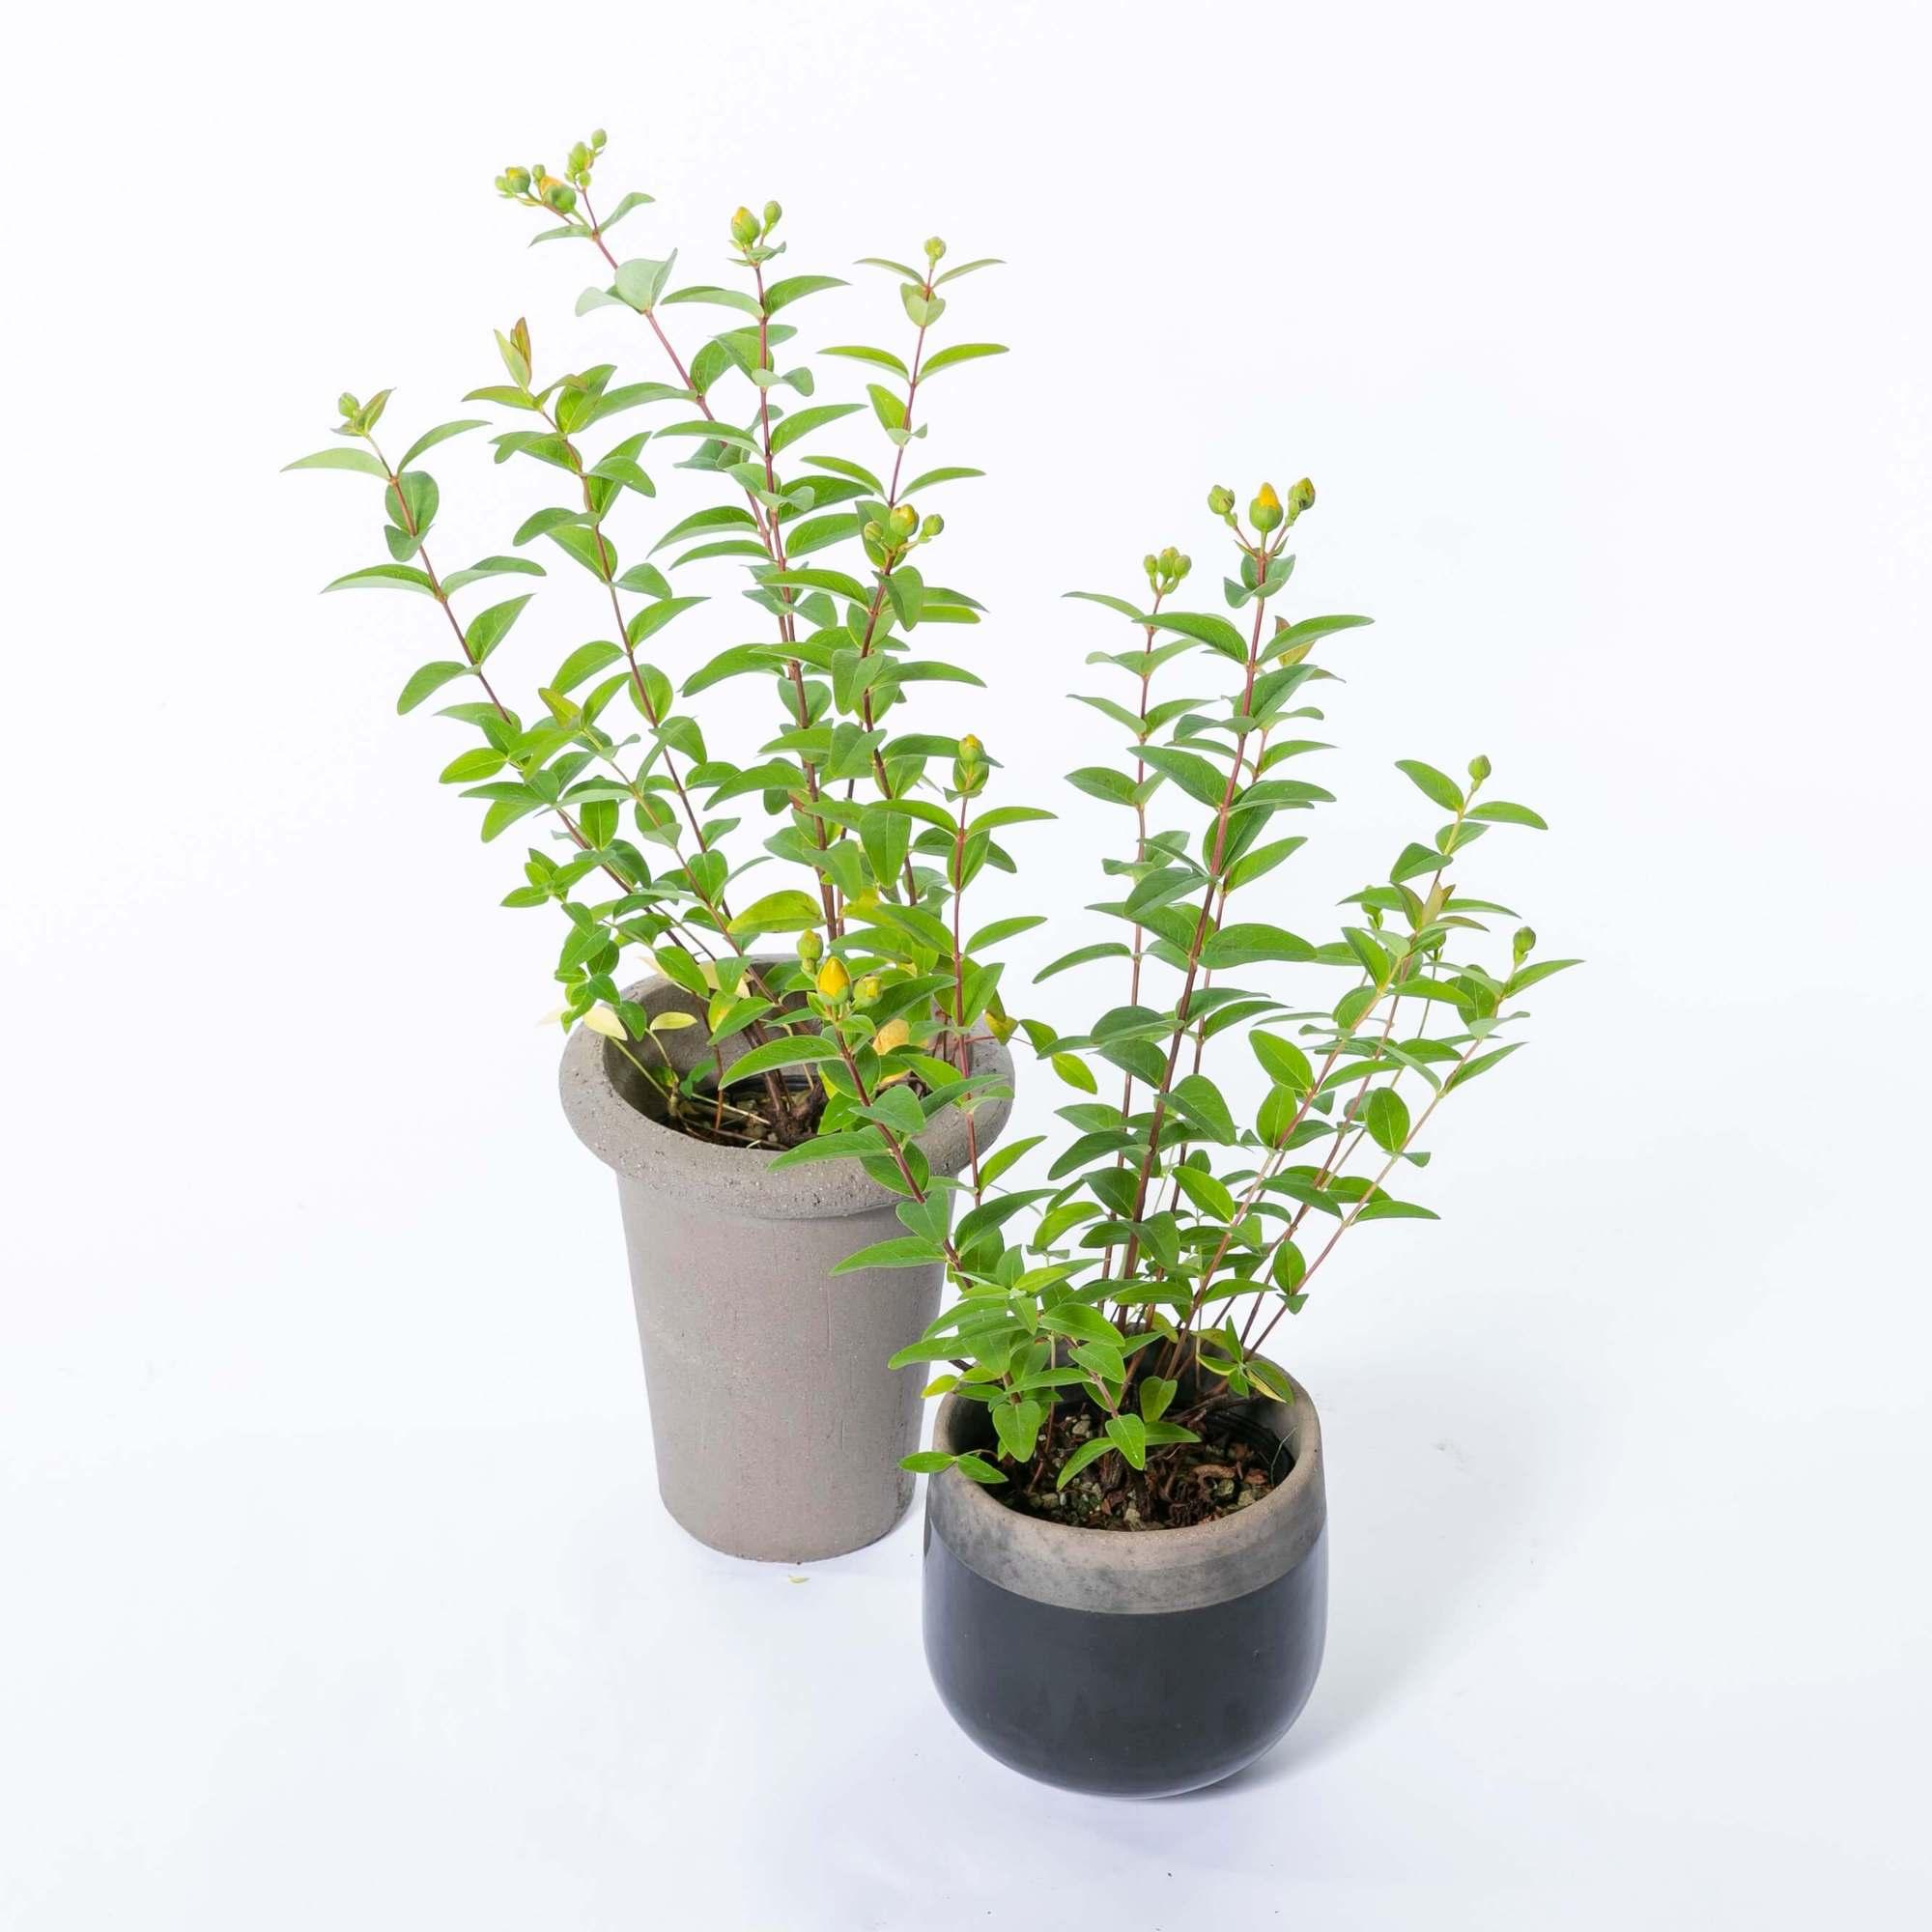 セイヨウキンシバイ 常緑低木 庭木 植栽 ヒペリカム・カリシナム